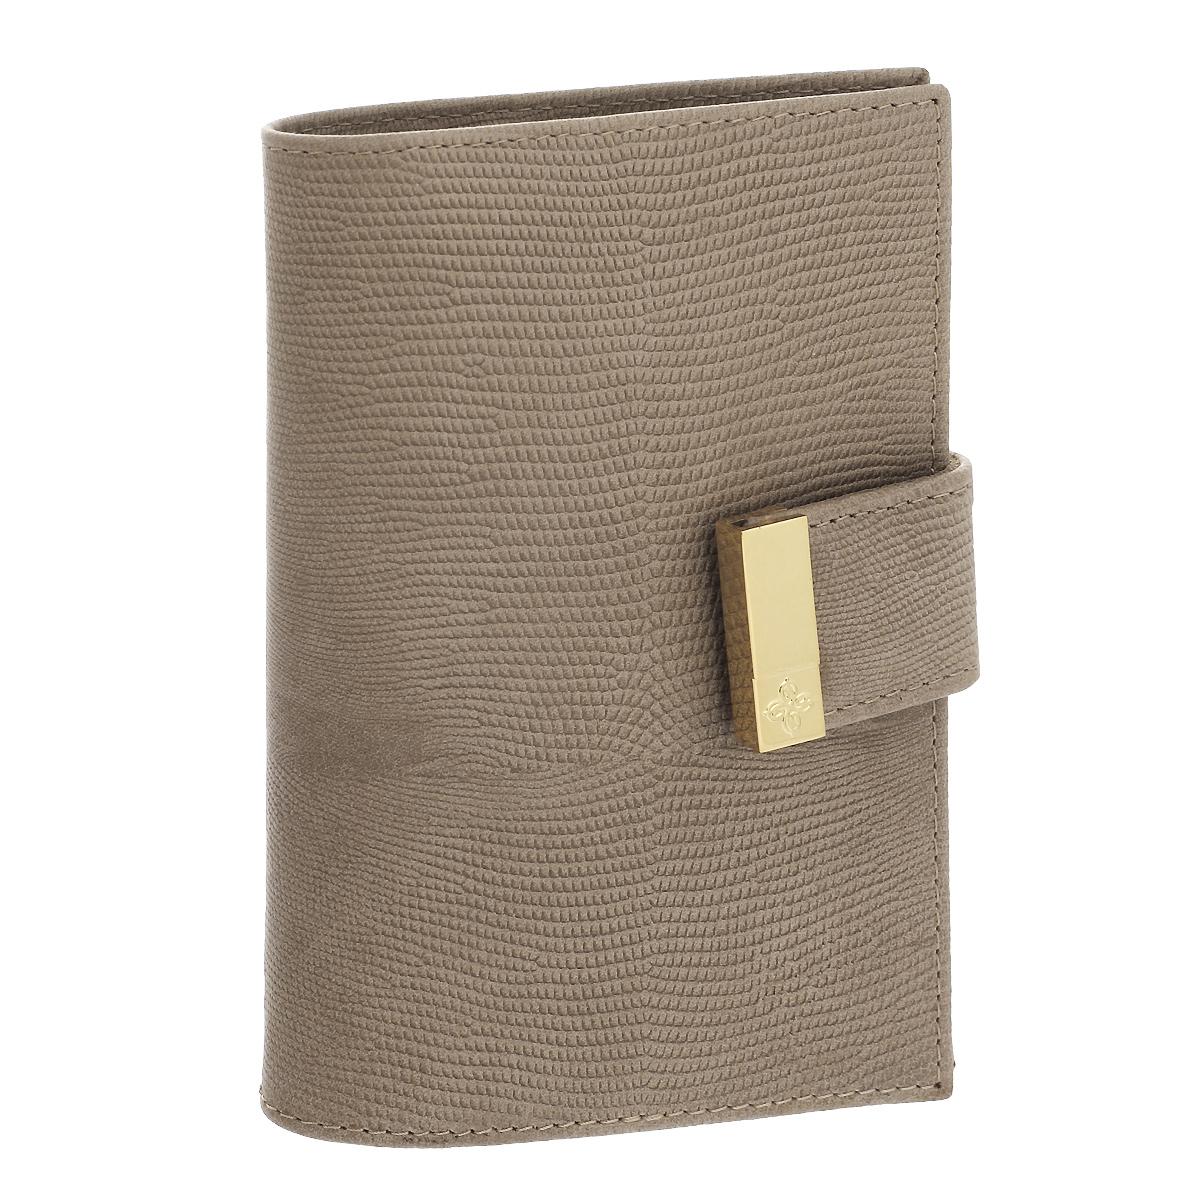 Обложка для паспорта Dimanche Elite Beige, цвет: бежевый. 730730Обложка для паспорта Elite Beige выполнена из натуральной кожи с декоративным тиснением под варана. На внутреннем развороте - два кармашка из прозрачного пластика. Обложка застегивается на хлястик с кнопкой. Обложка не только поможет сохранить внешний вид ваших документов и защитит их от повреждений, но и станет стильным аксессуаром, который подчеркнет ваш неповторимый стиль. Обложка упакована в коробку из плотного картона с логотипом фирмы.